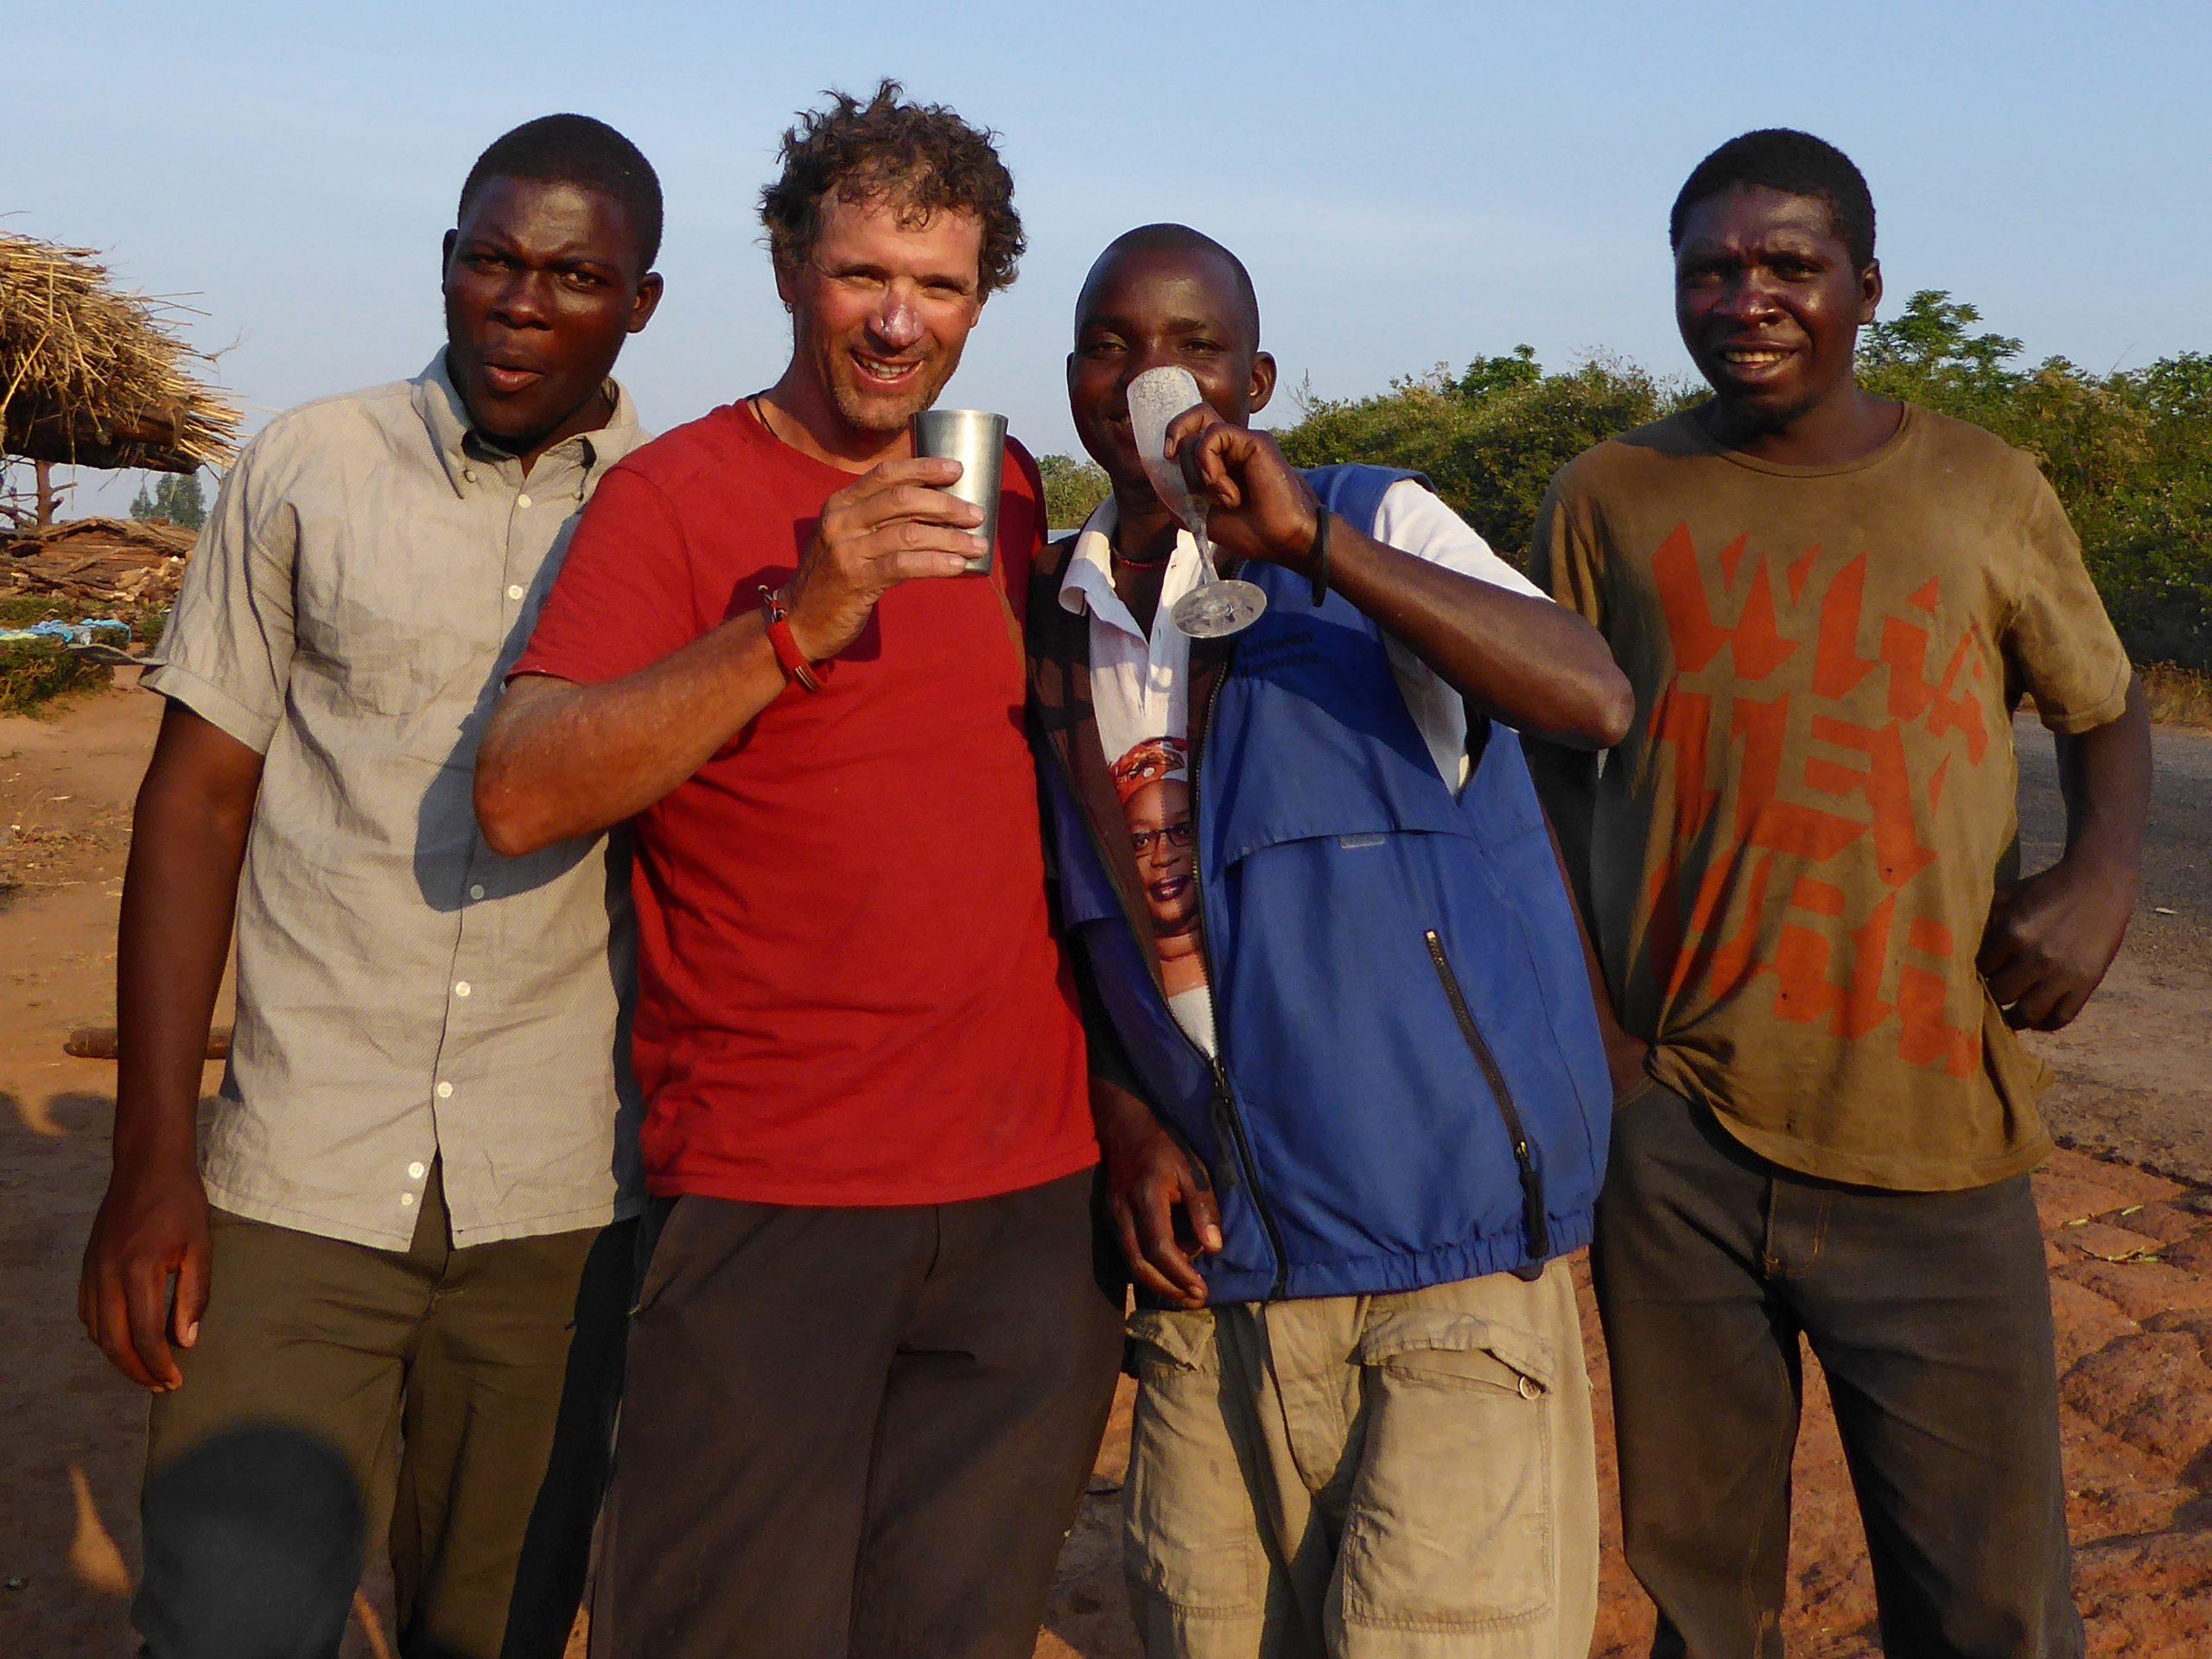 Radreise Afrika 2014 - Getreidebier (Pombe)